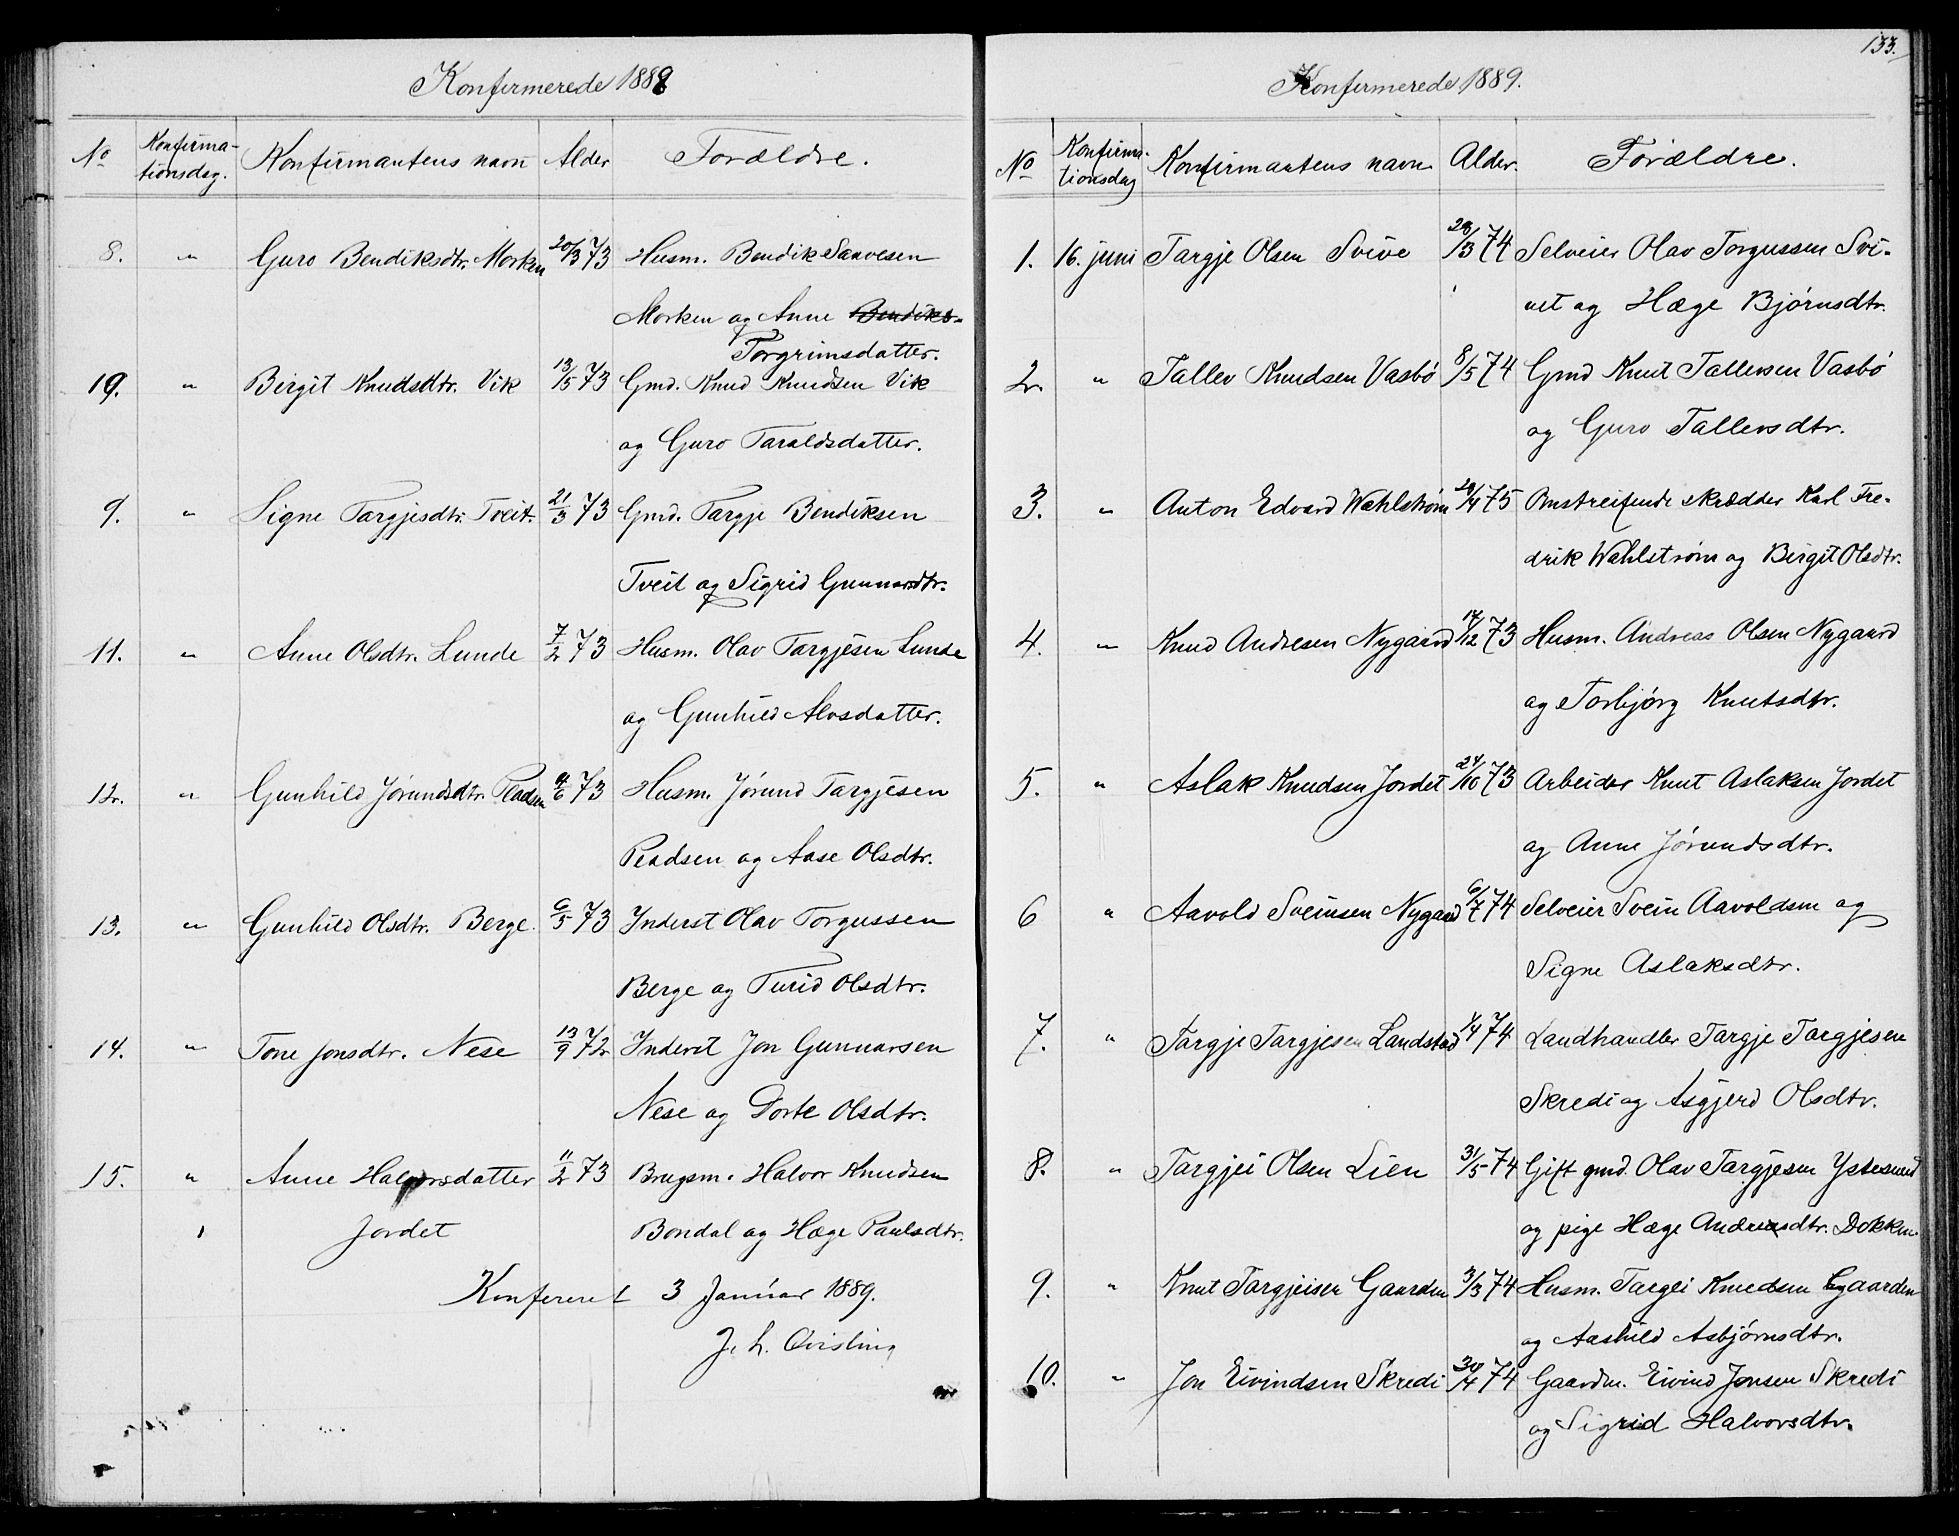 SAKO, Fyresdal kirkebøker, G/Ga/L0004: Klokkerbok nr. I 4, 1864-1892, s. 133